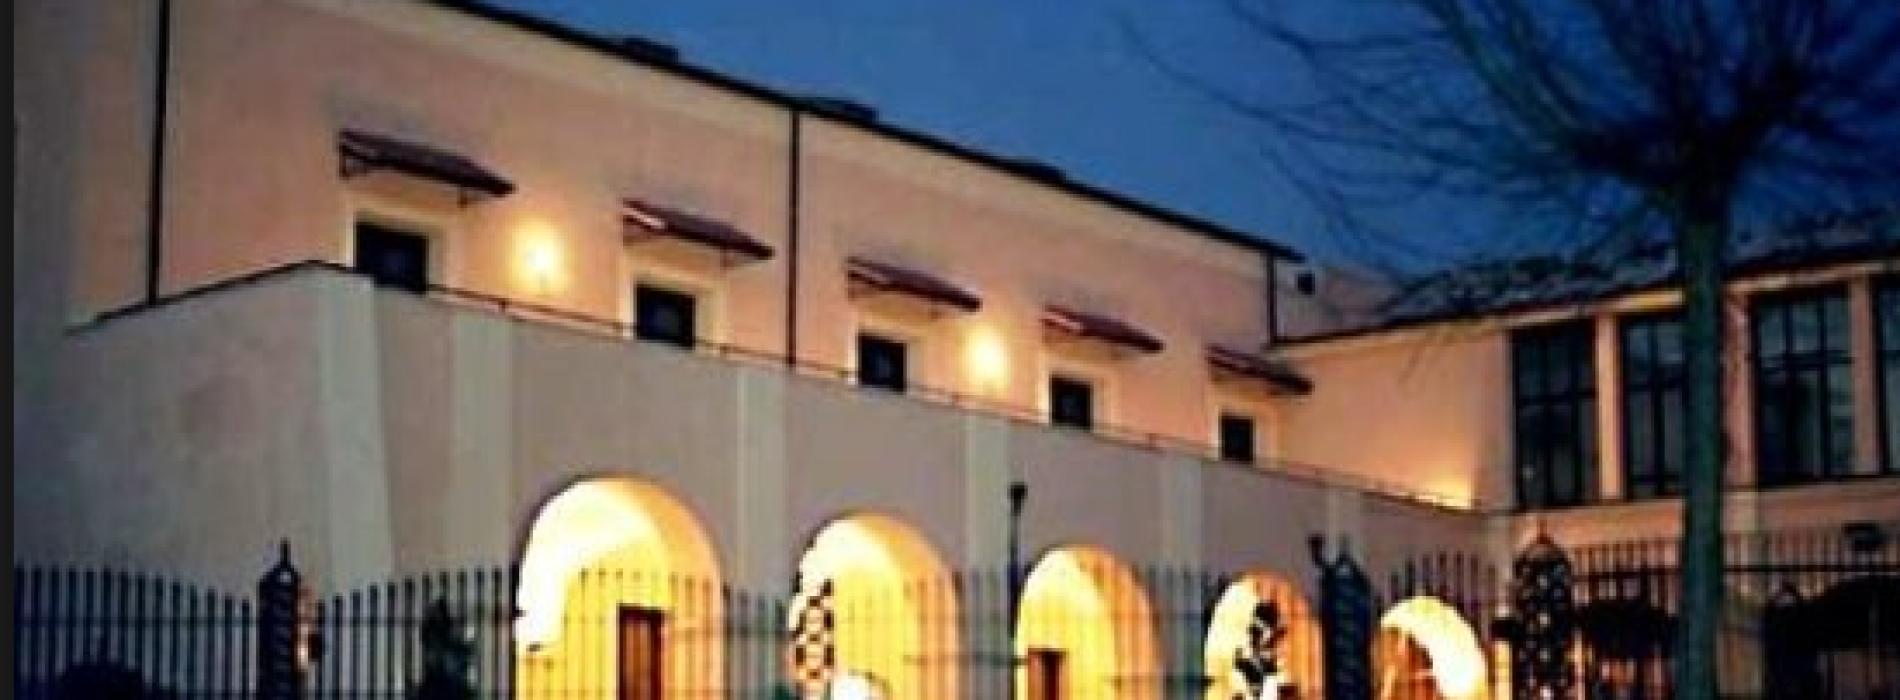 Al Museo Civico di Maddaloni riflettori sulla storia